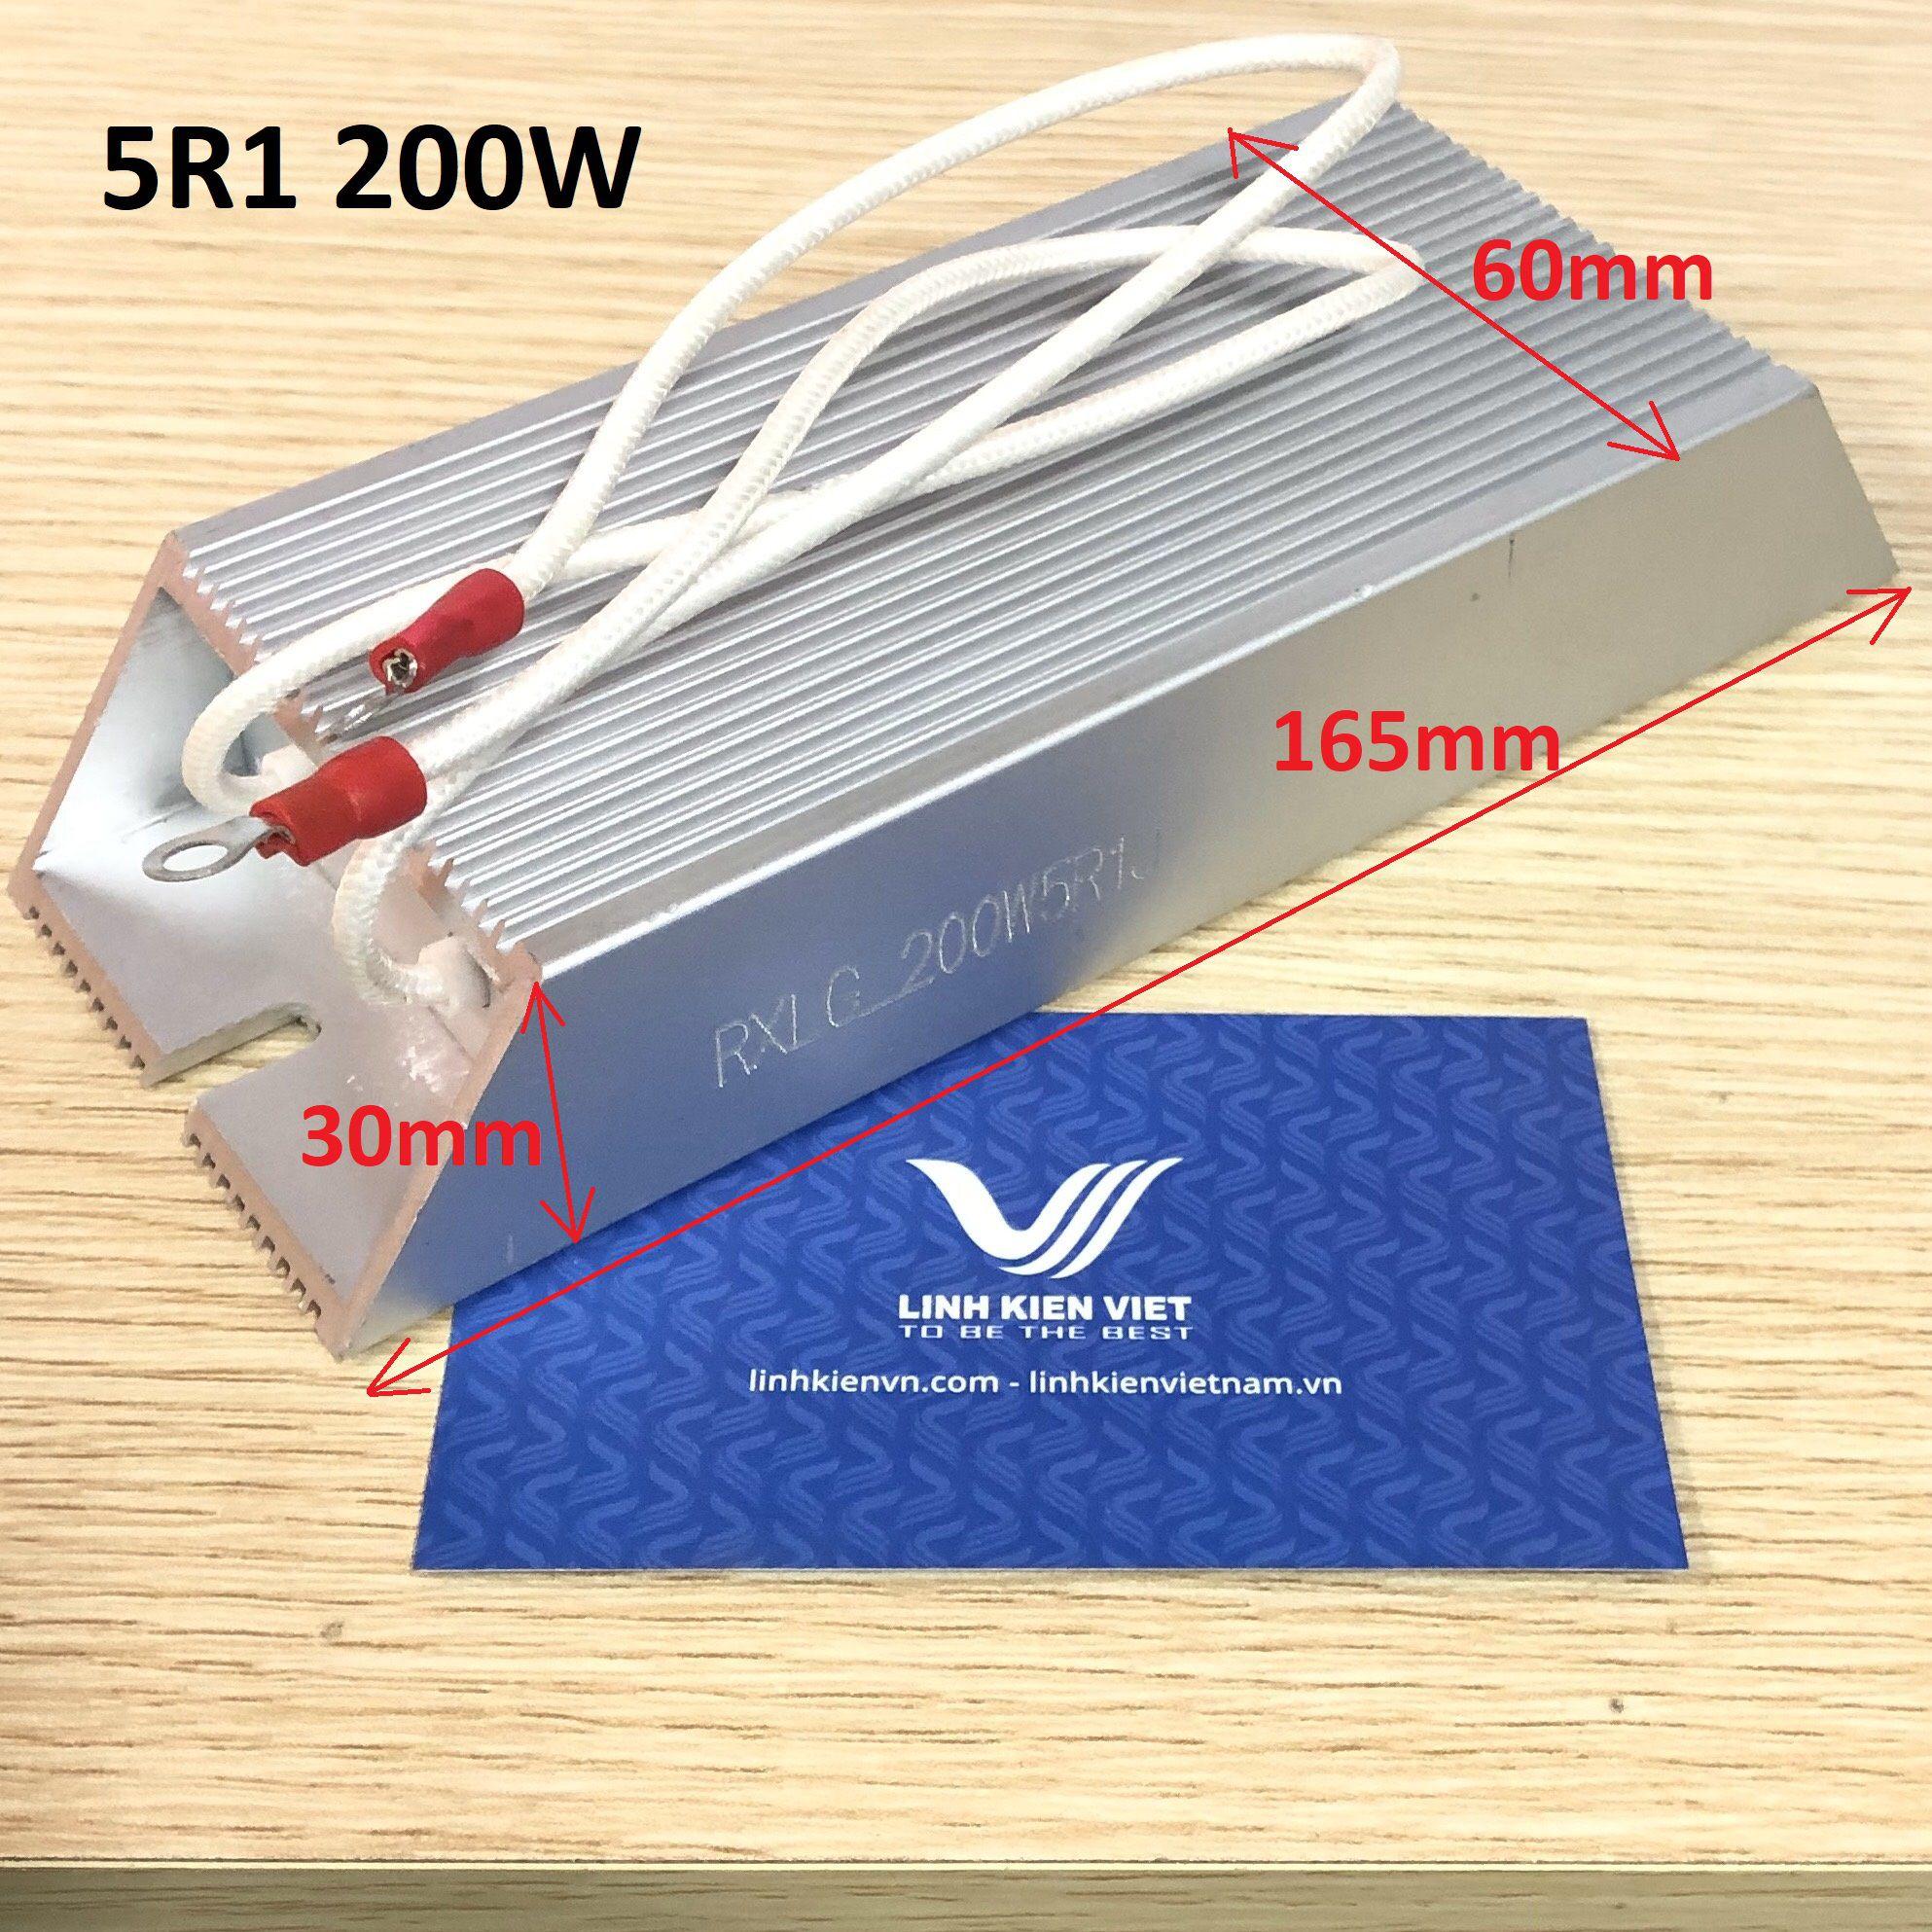 Điện Trở Xả Vỏ Nhôm 200W 5.1R RXLG200-5R1